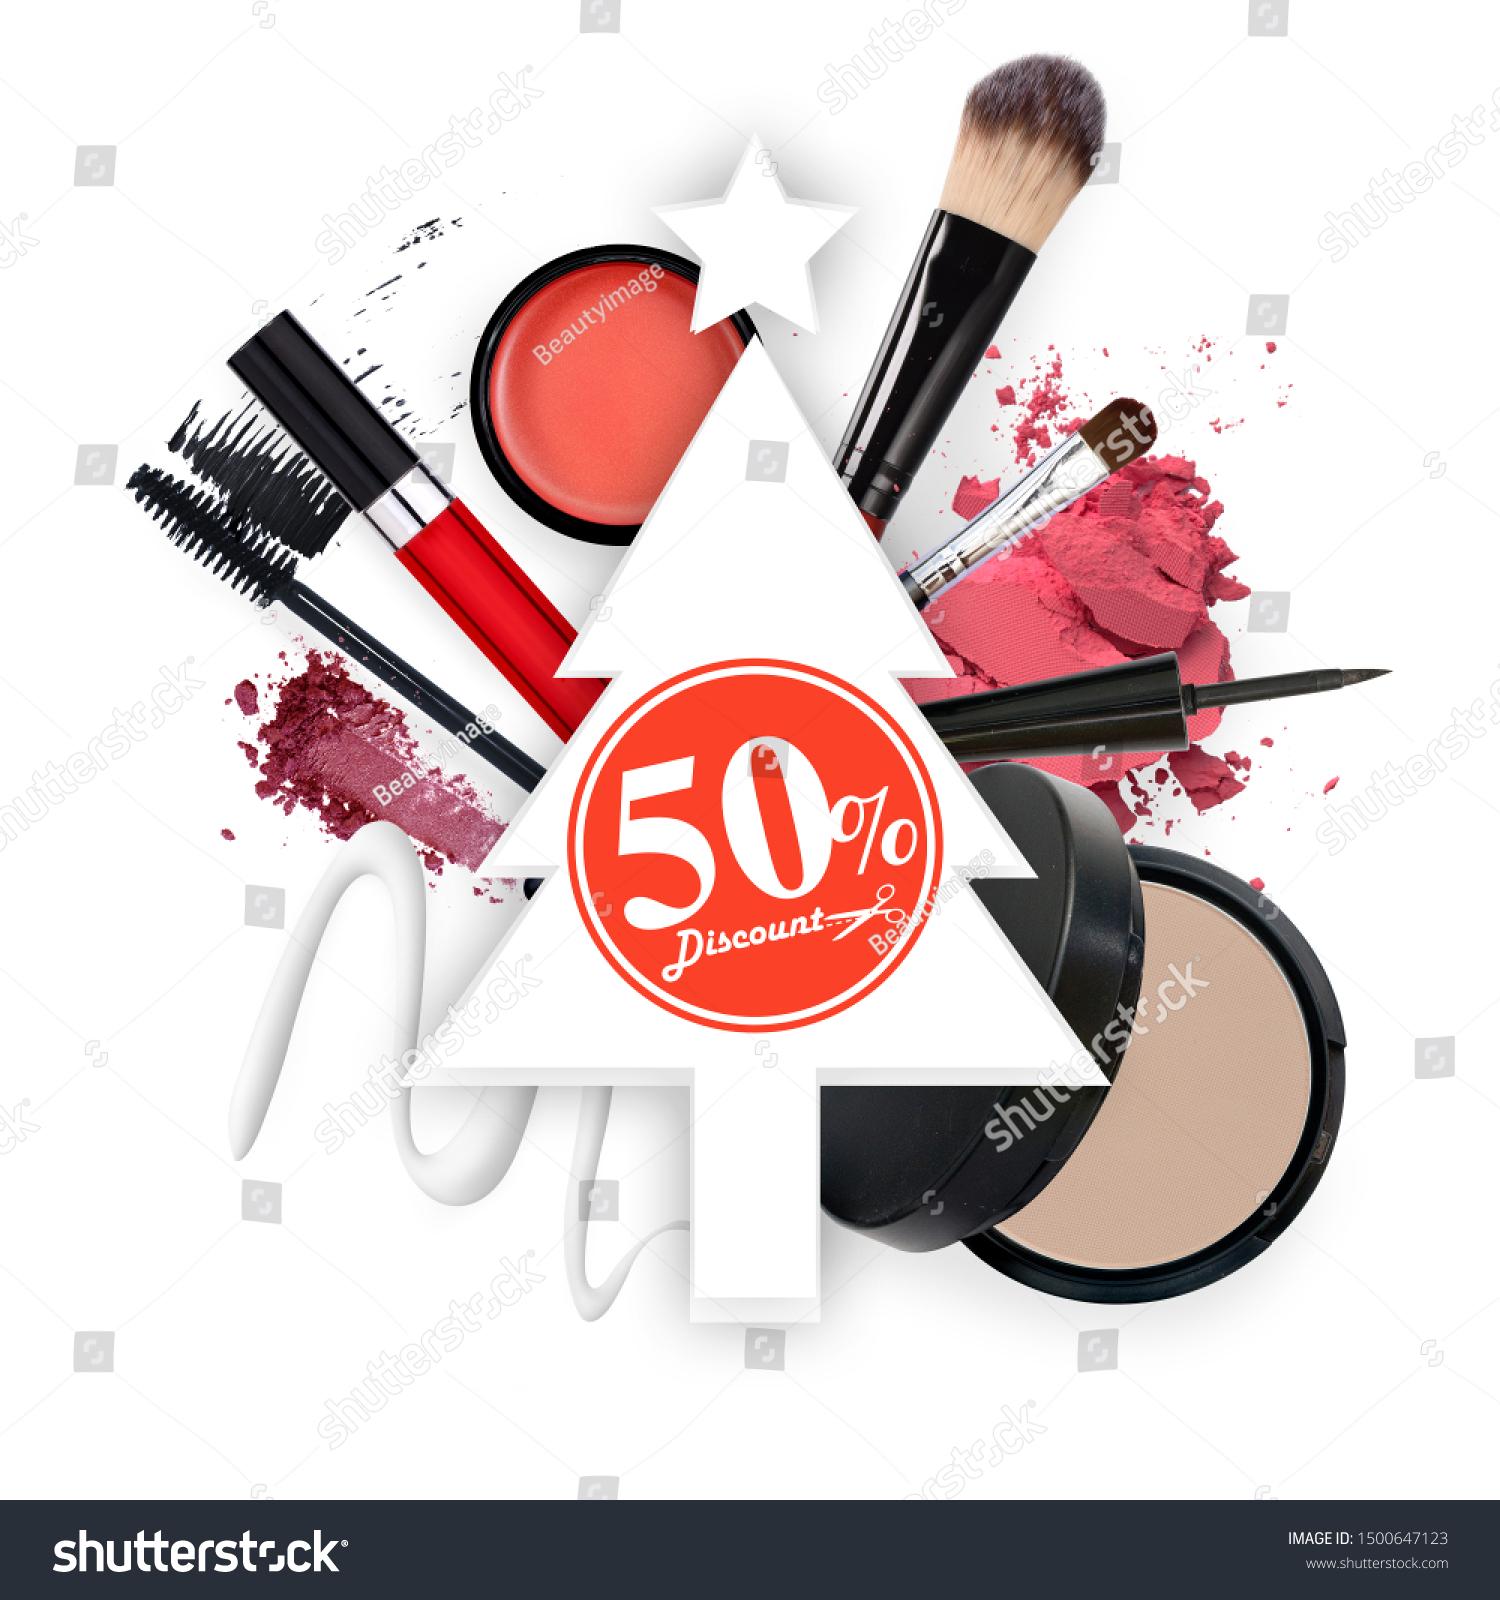 Make Skincare Cosmetics Christmas Tree Silhouette Stock Photo Edit Now 1500647123